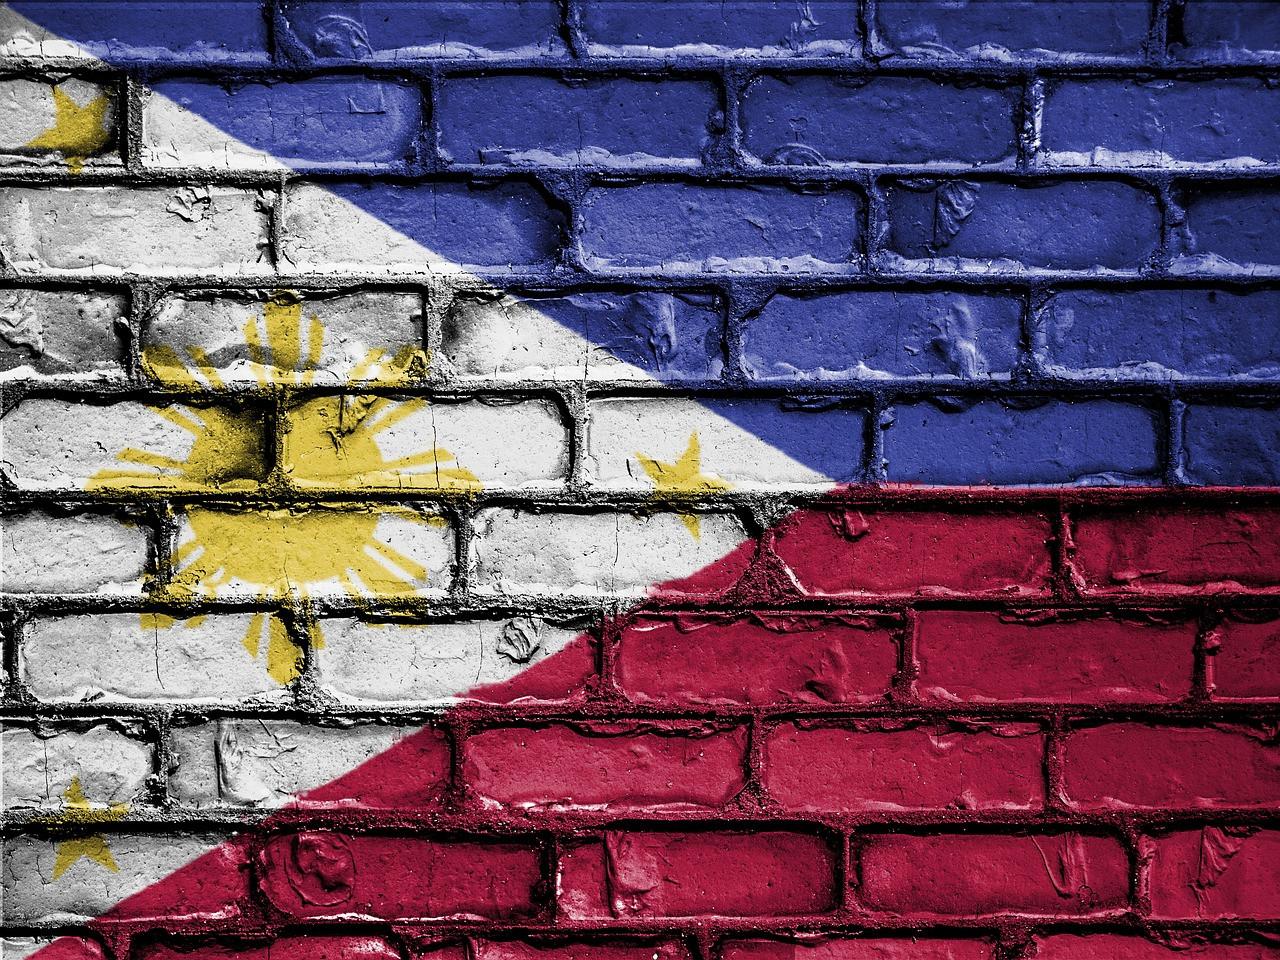 菲律賓遊學—理由、PPT評價、代辦途徑、推薦學校